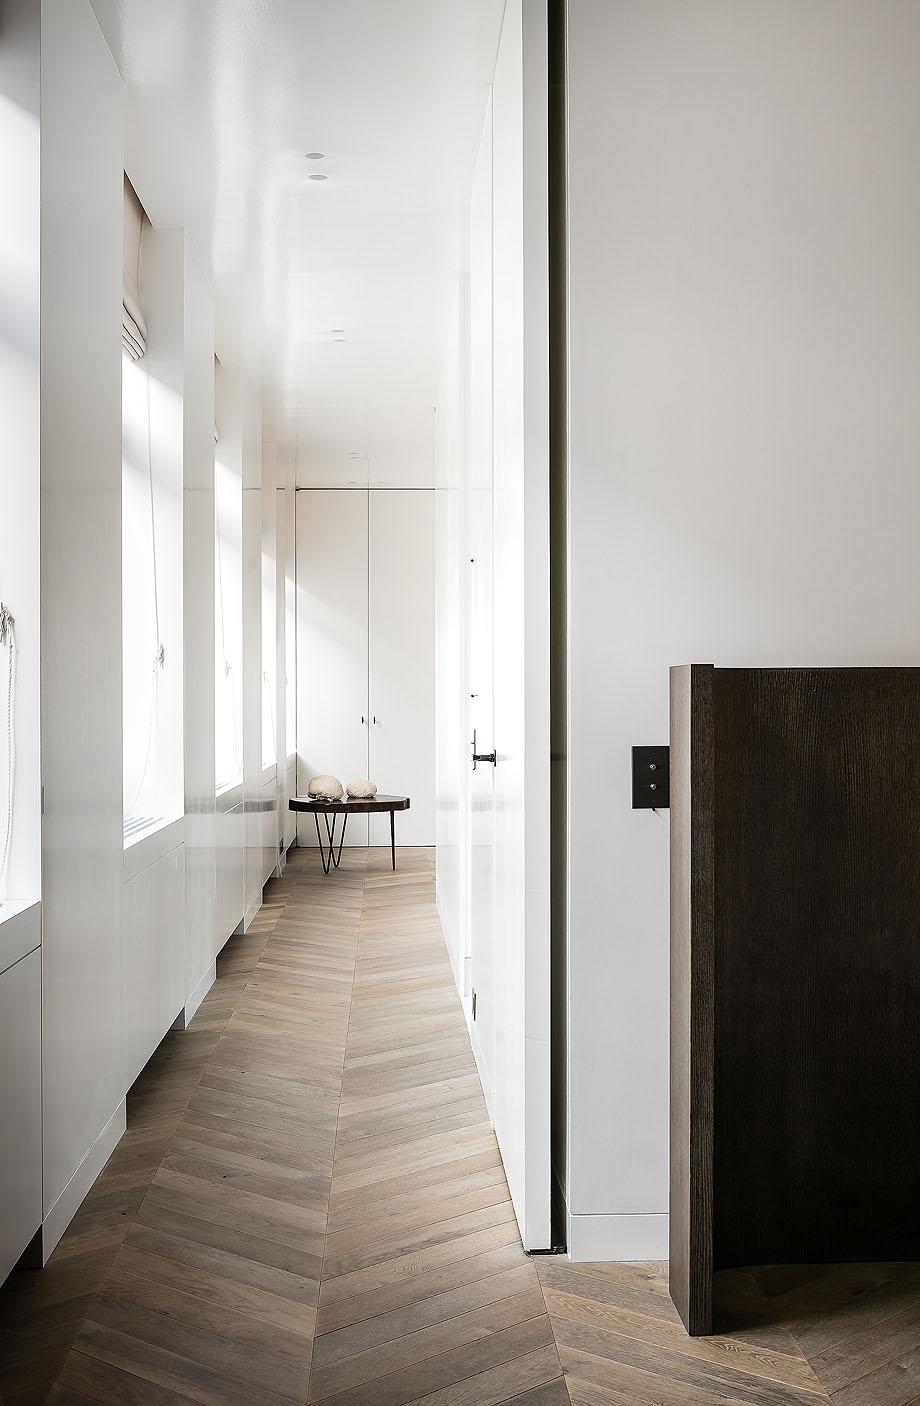 casa mk en amberes por nicolas schuybroek architects (18)